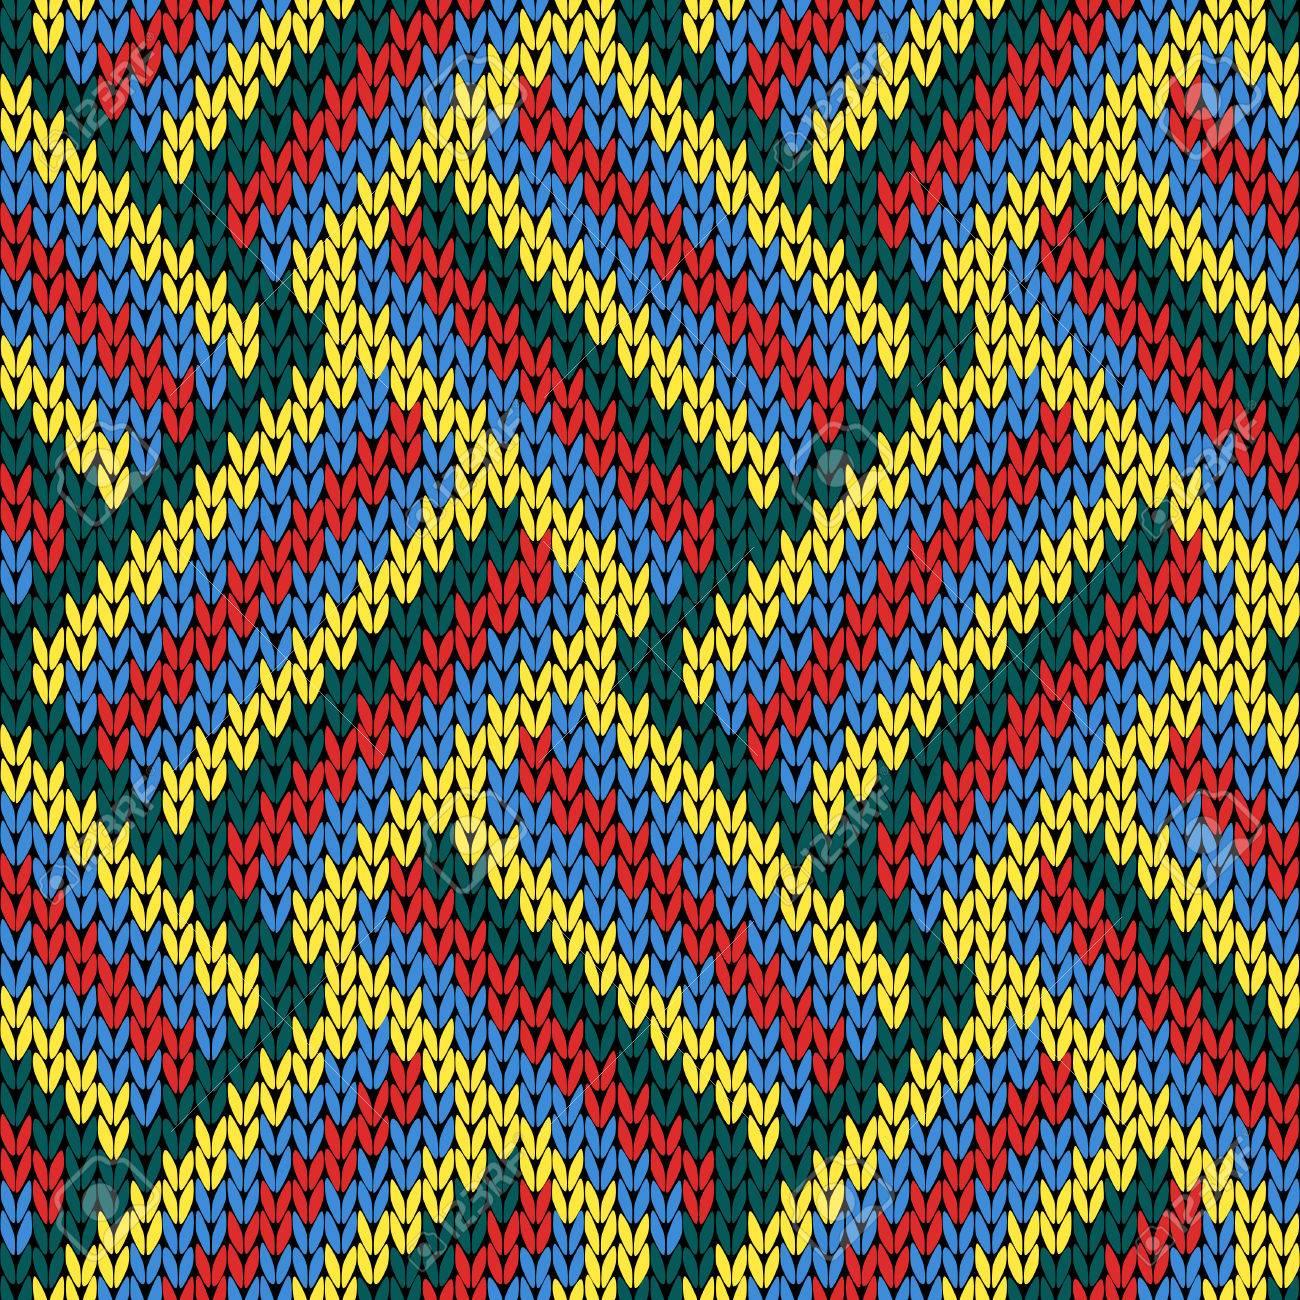 Tejer Patrón De Vector Abigarrado Transparente Como Una Textura De ...